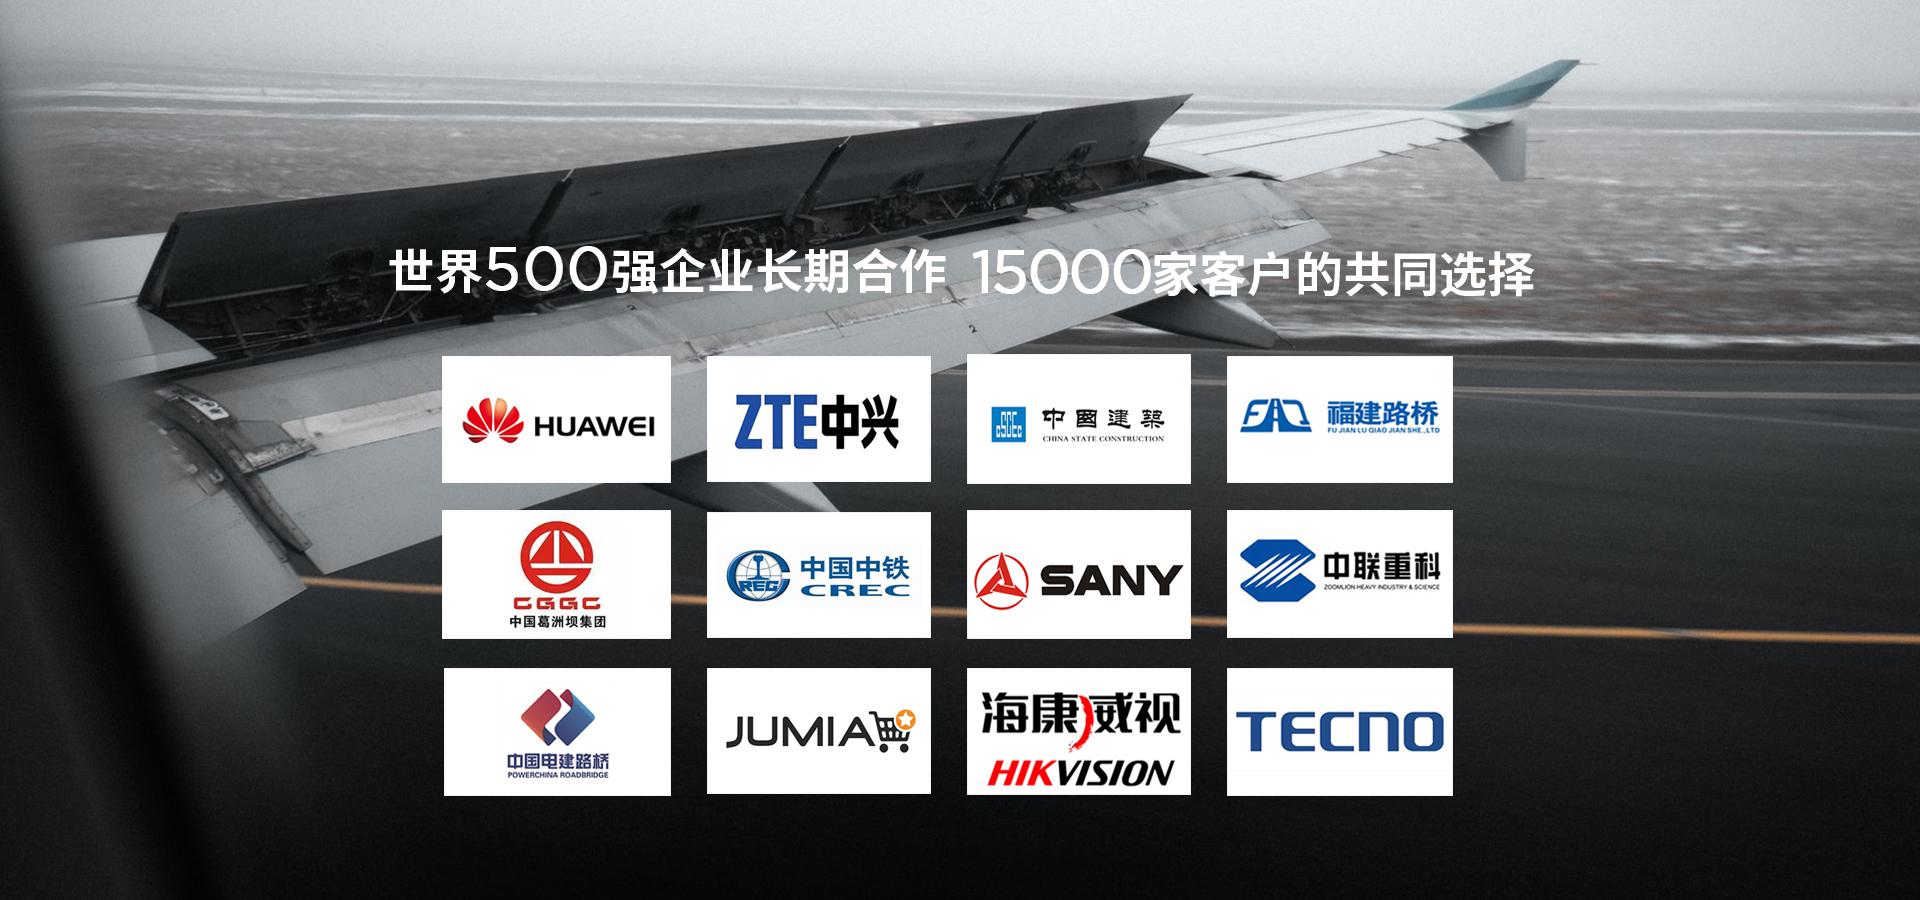 威都物流-世界500强企业长期合作